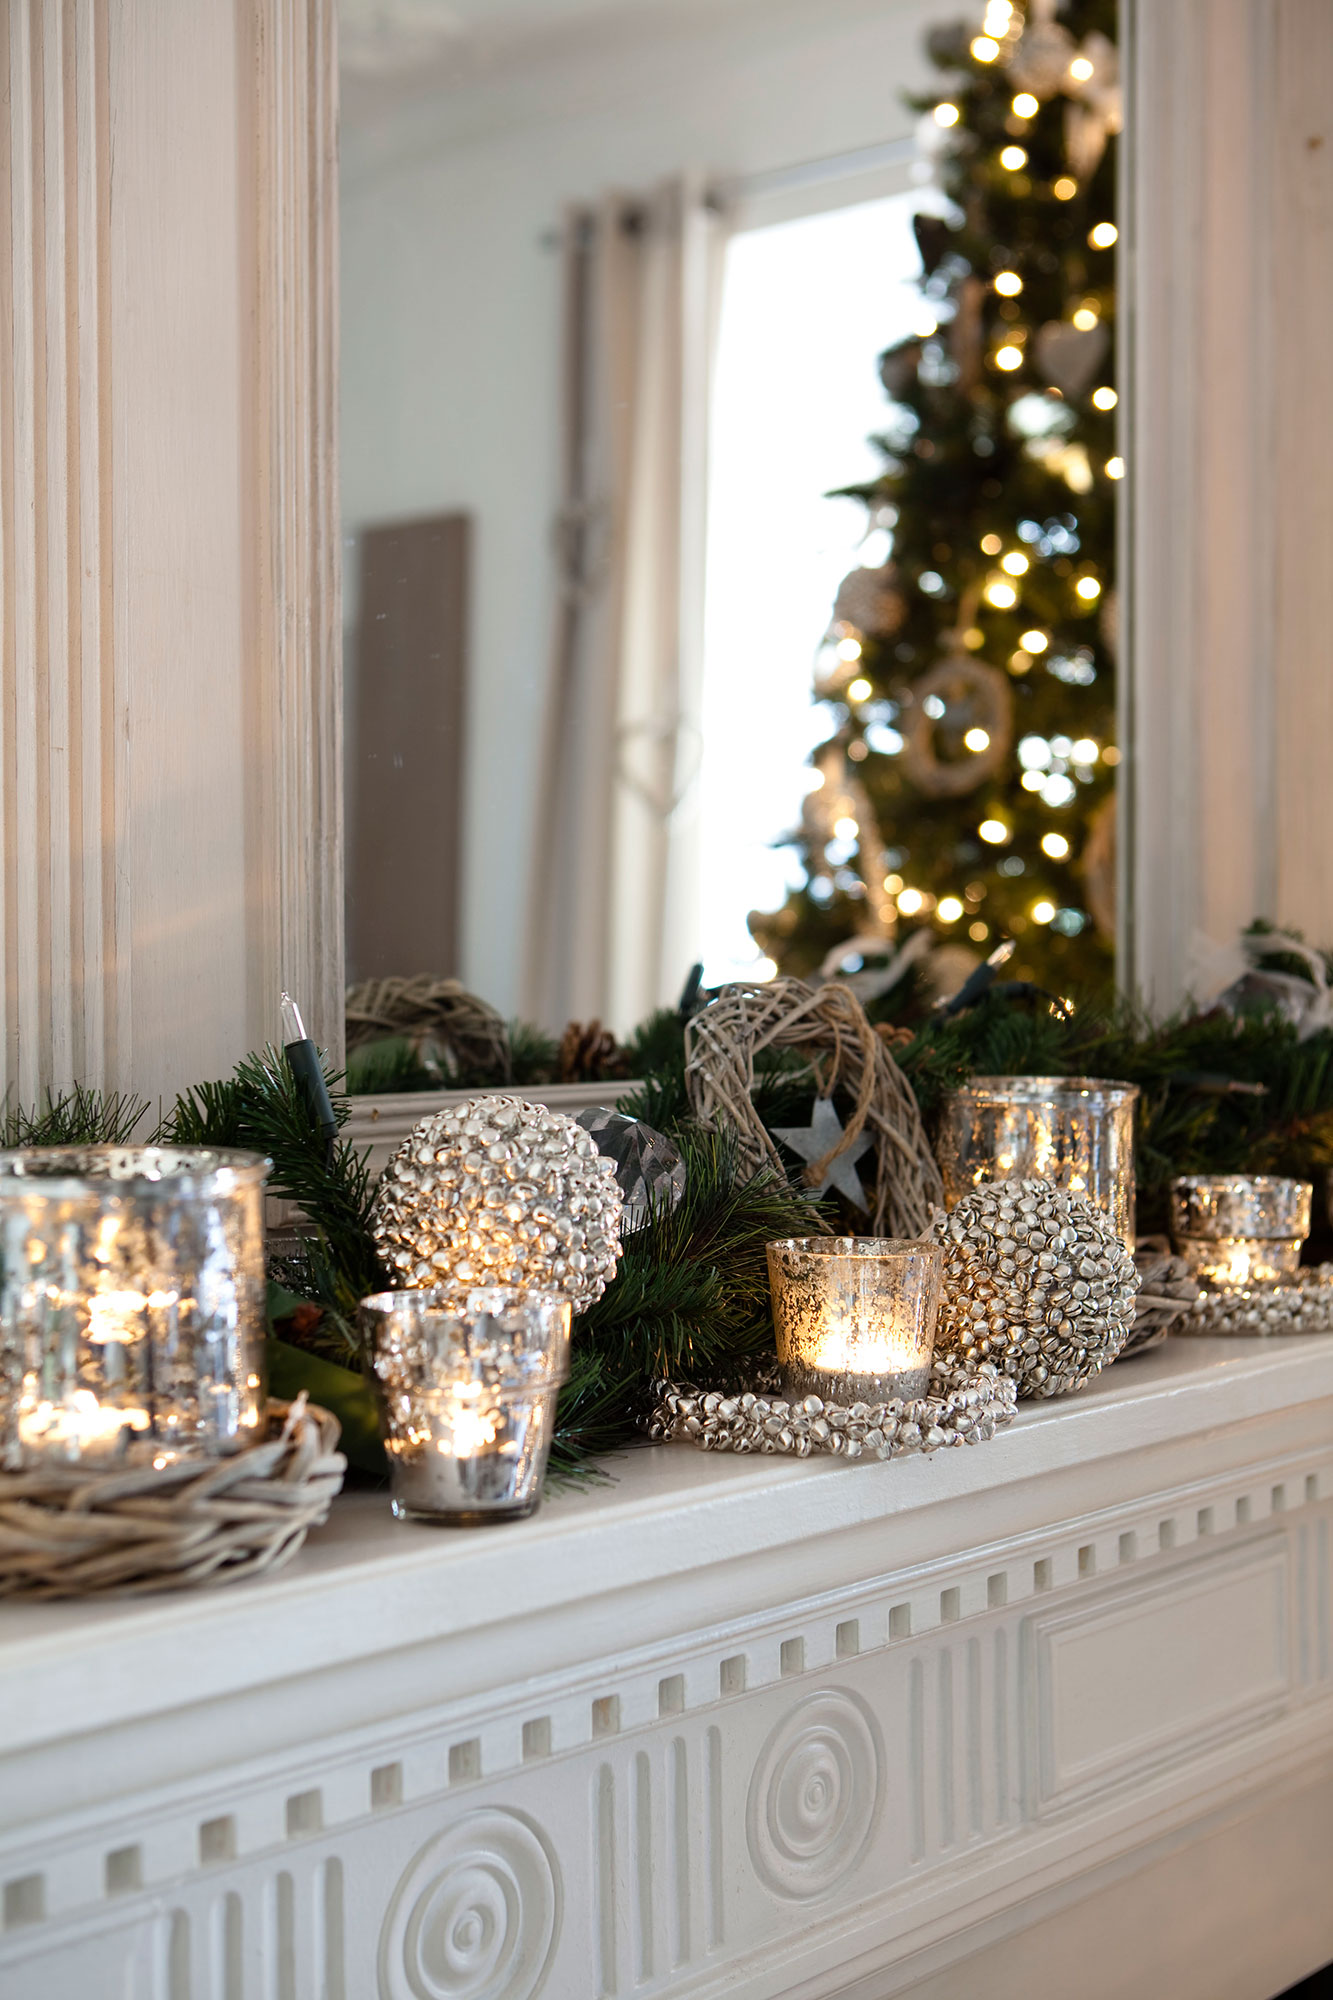 Detalles e ideas en plata para decorar tu casa esta navidad for Decorar casa minimalista navidad